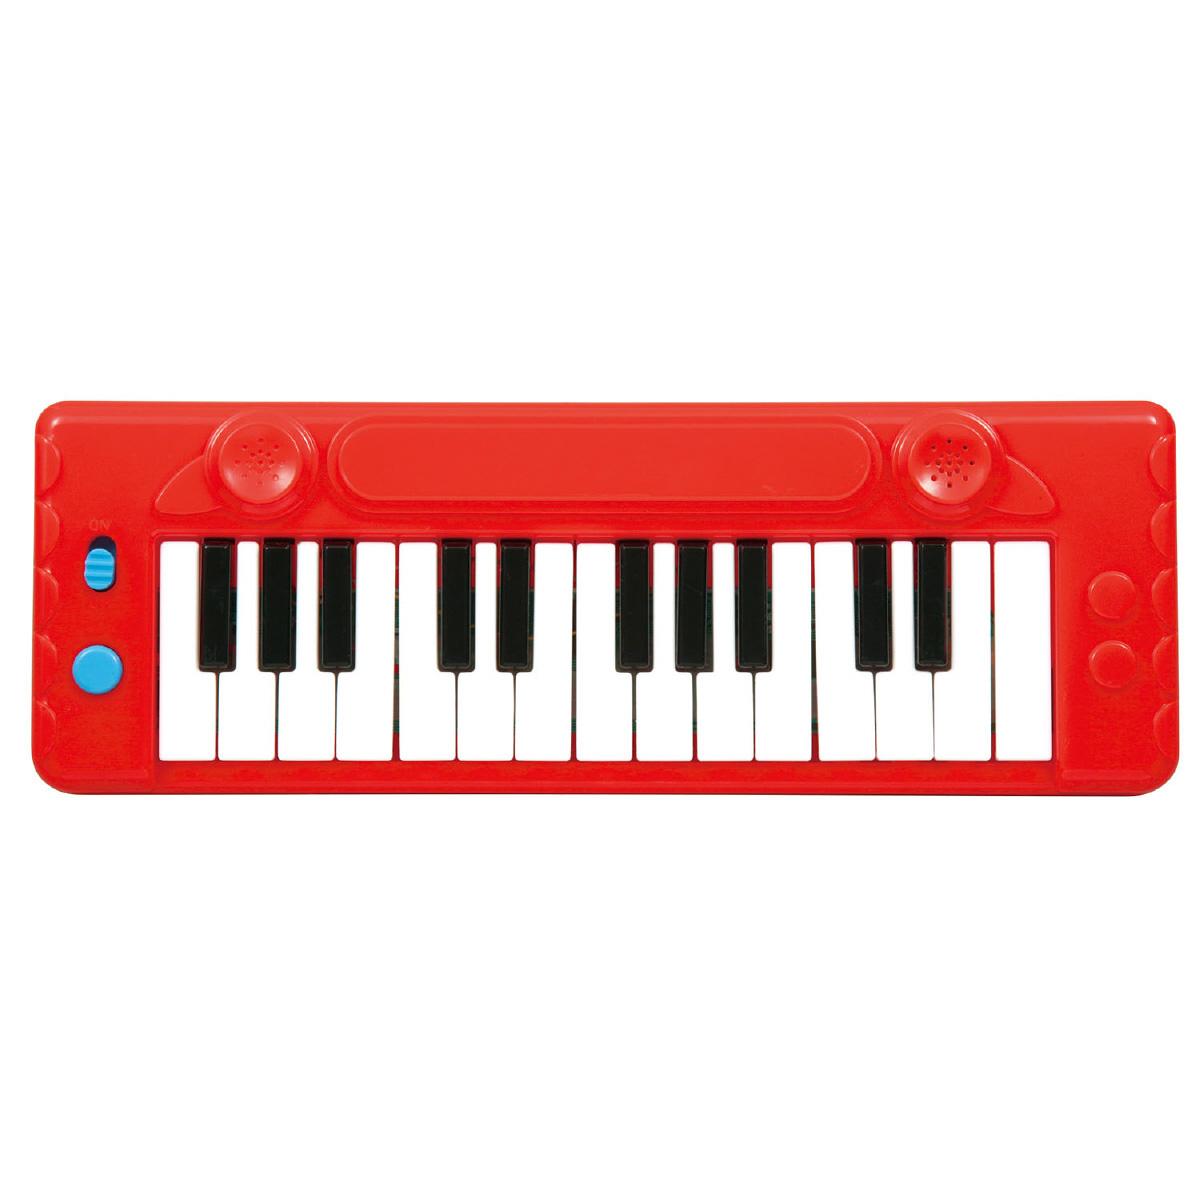 エンジョイキーボード アーテック 楽器 キーボード おもちゃ 知育玩具 玩具 キッズ 子供 クリスマスプレゼント